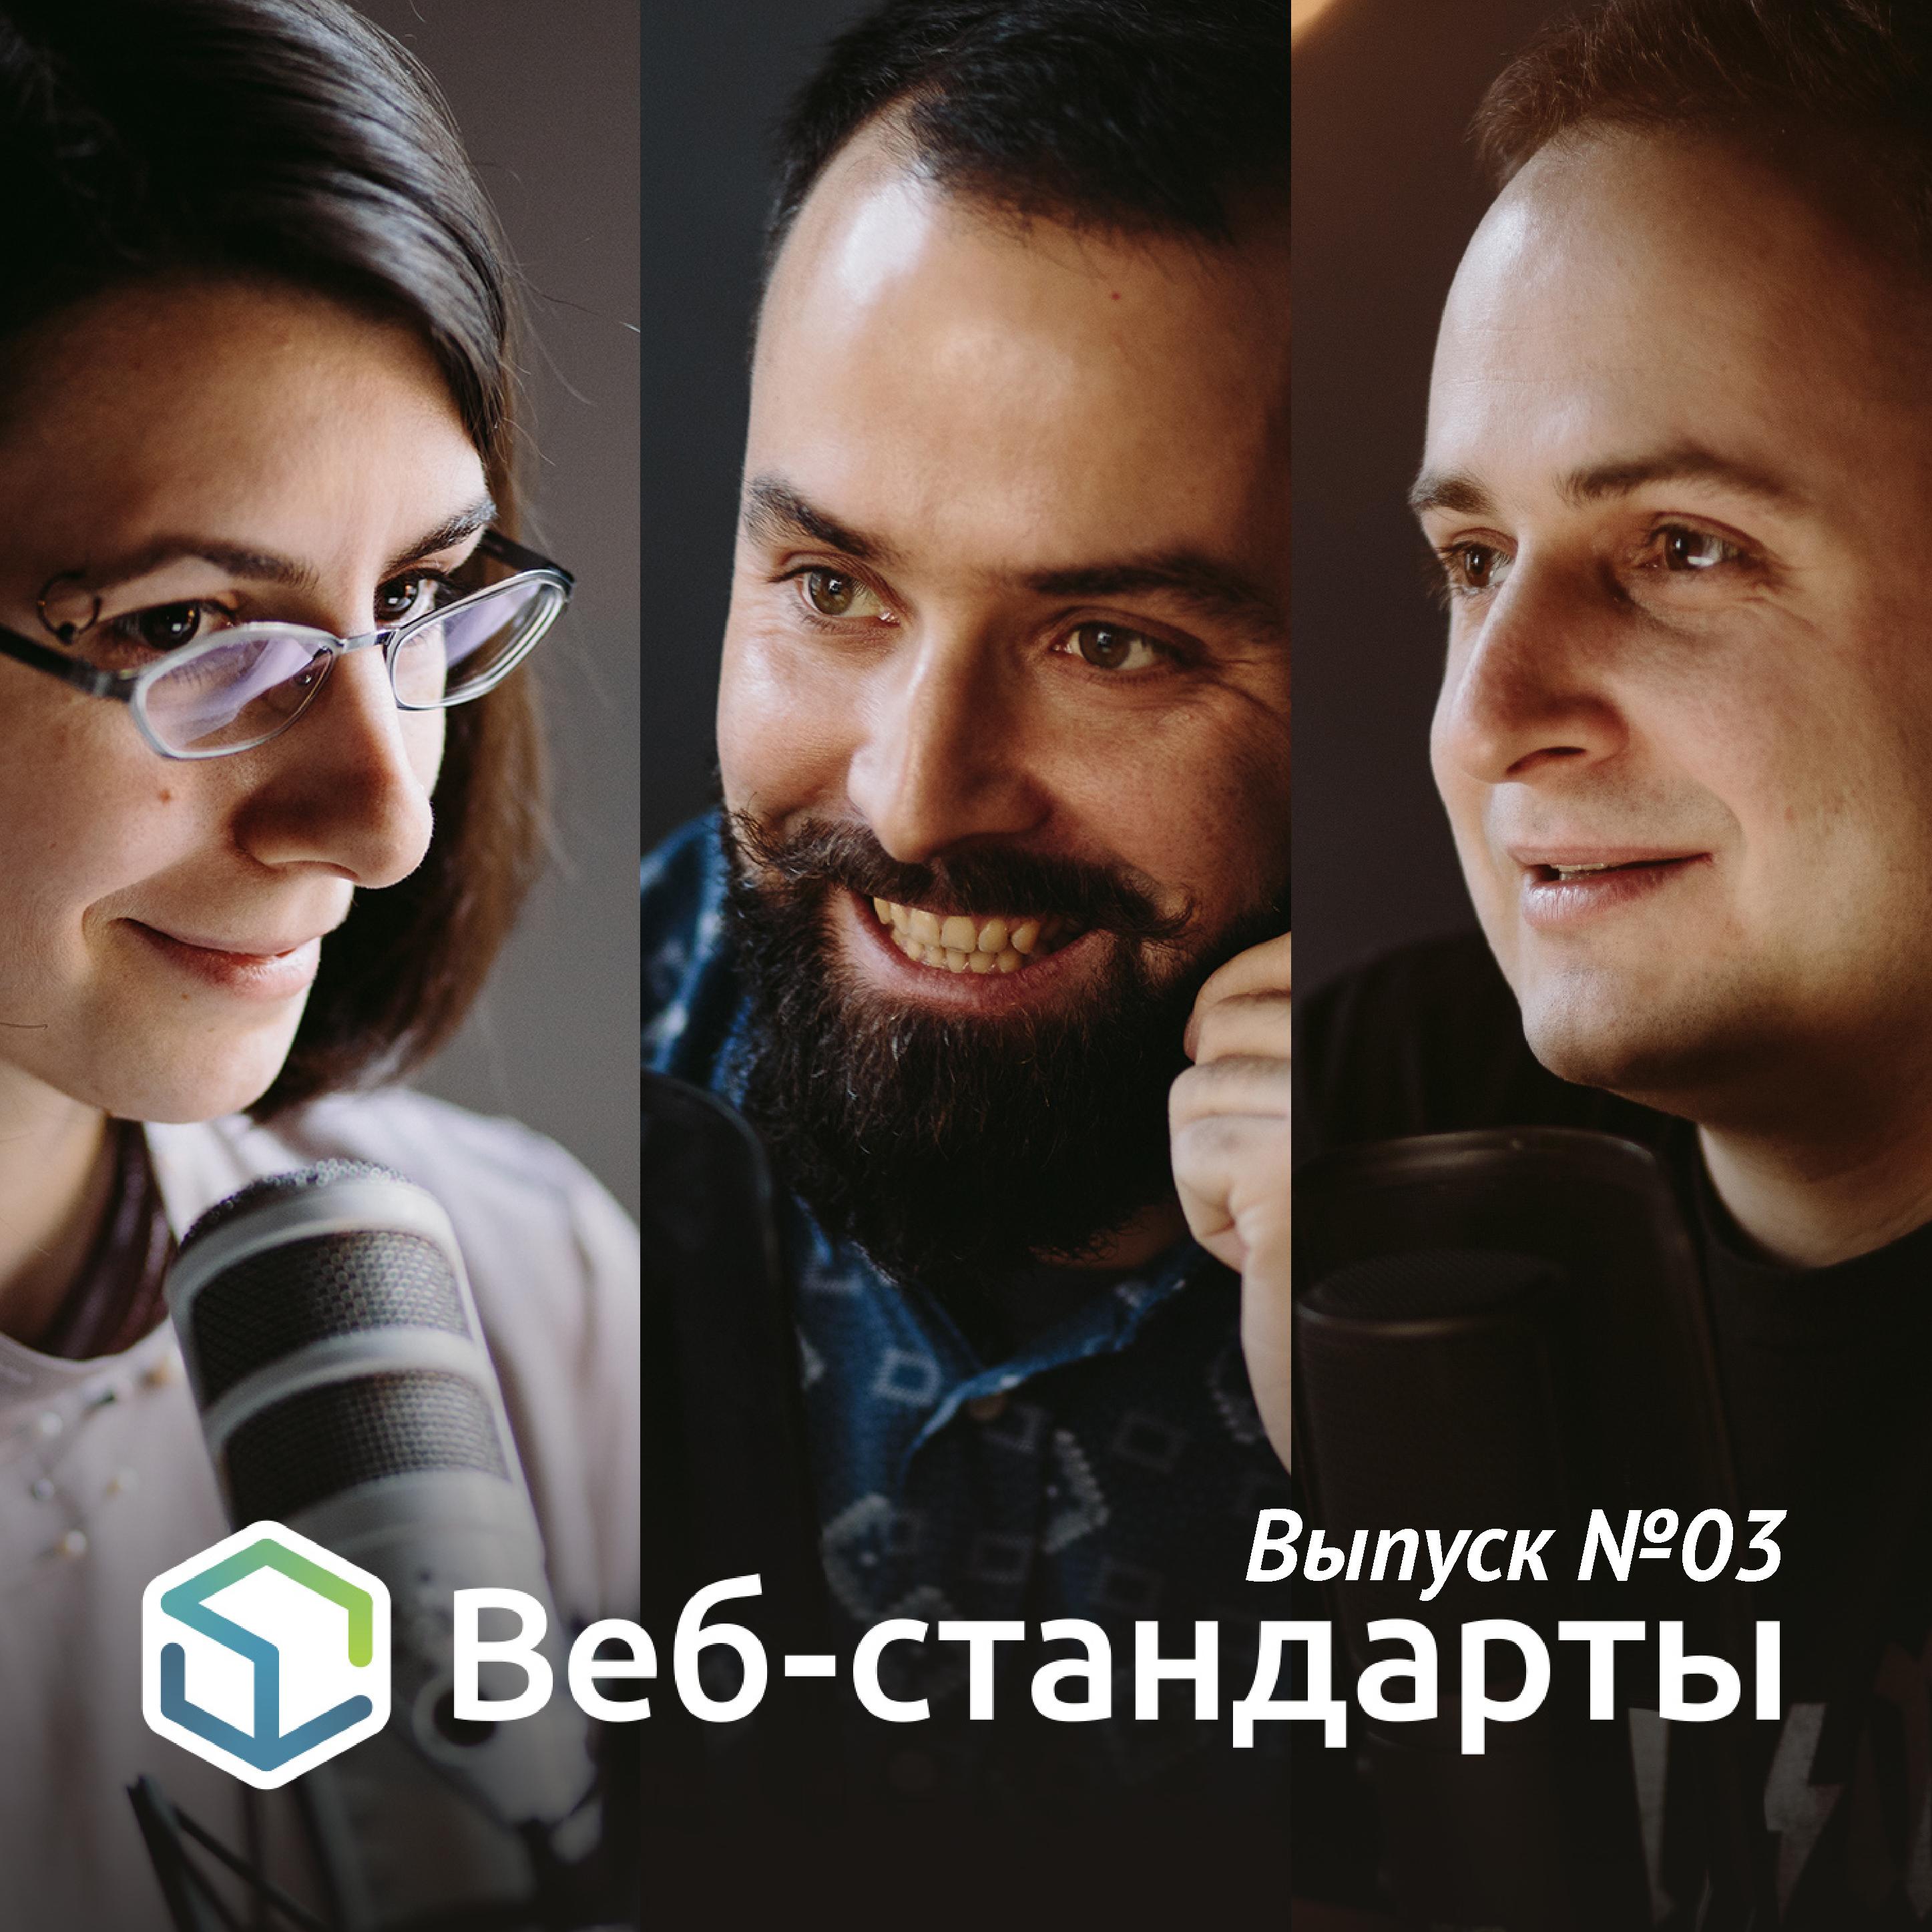 Алексей Симоненко Выпуск №03 алексей симоненко выпуск 66